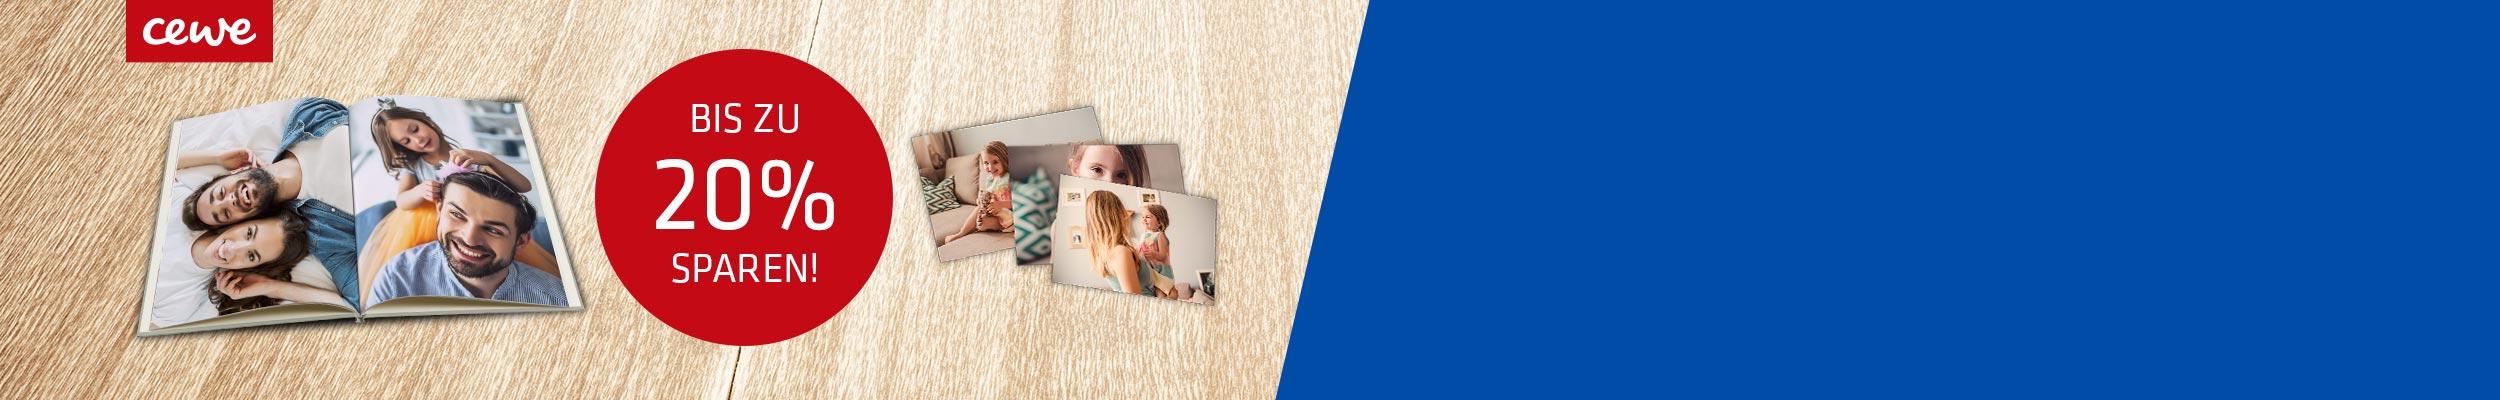 """""""aufgeklapptes CEWE Fotobuch mit Info zu 20-%-Aktion und drei Sofortfotos auf Holz-Hintergrund"""""""